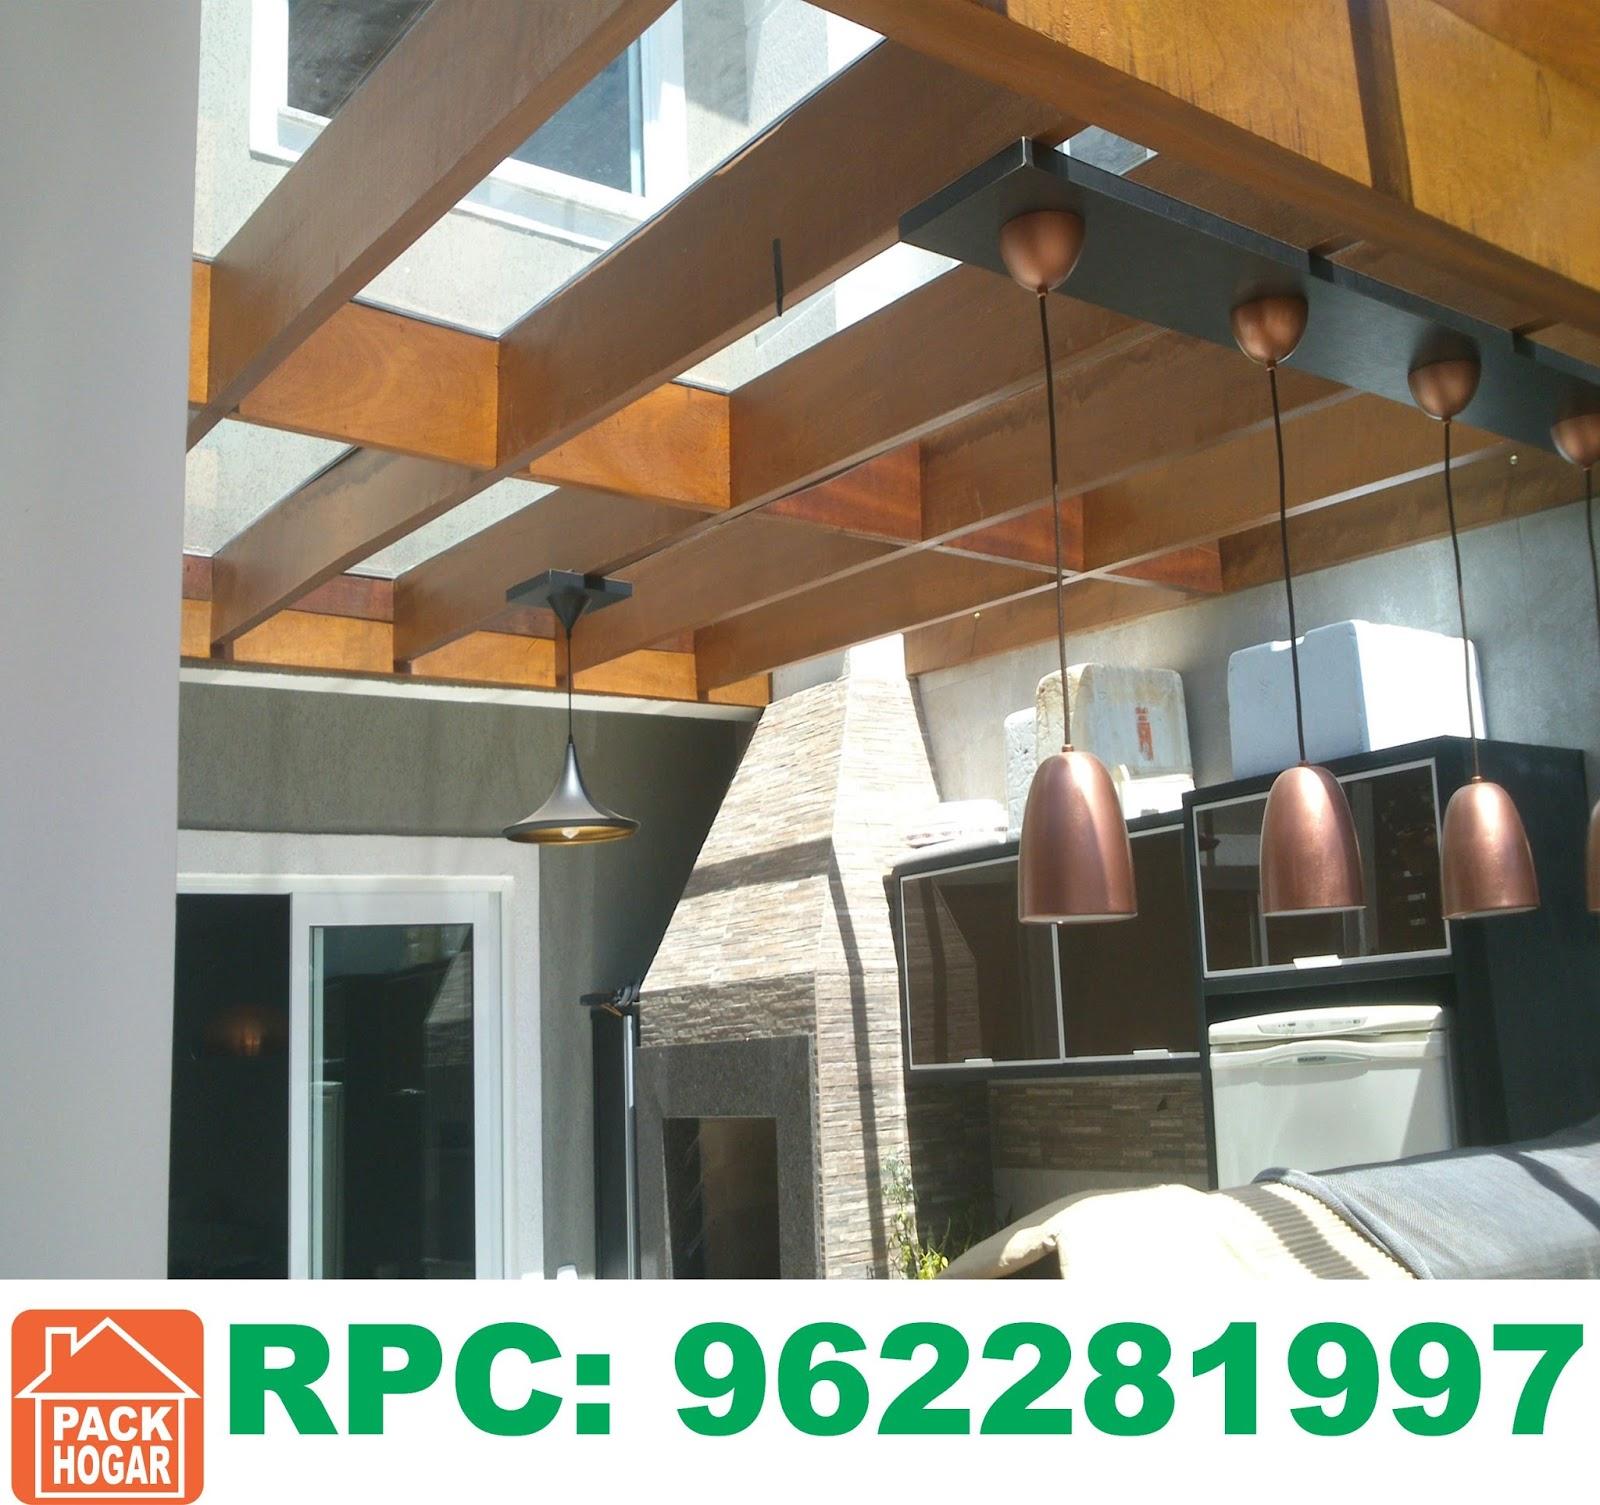 Pergolas sol y sombra techos de madera lima for Techos modelos